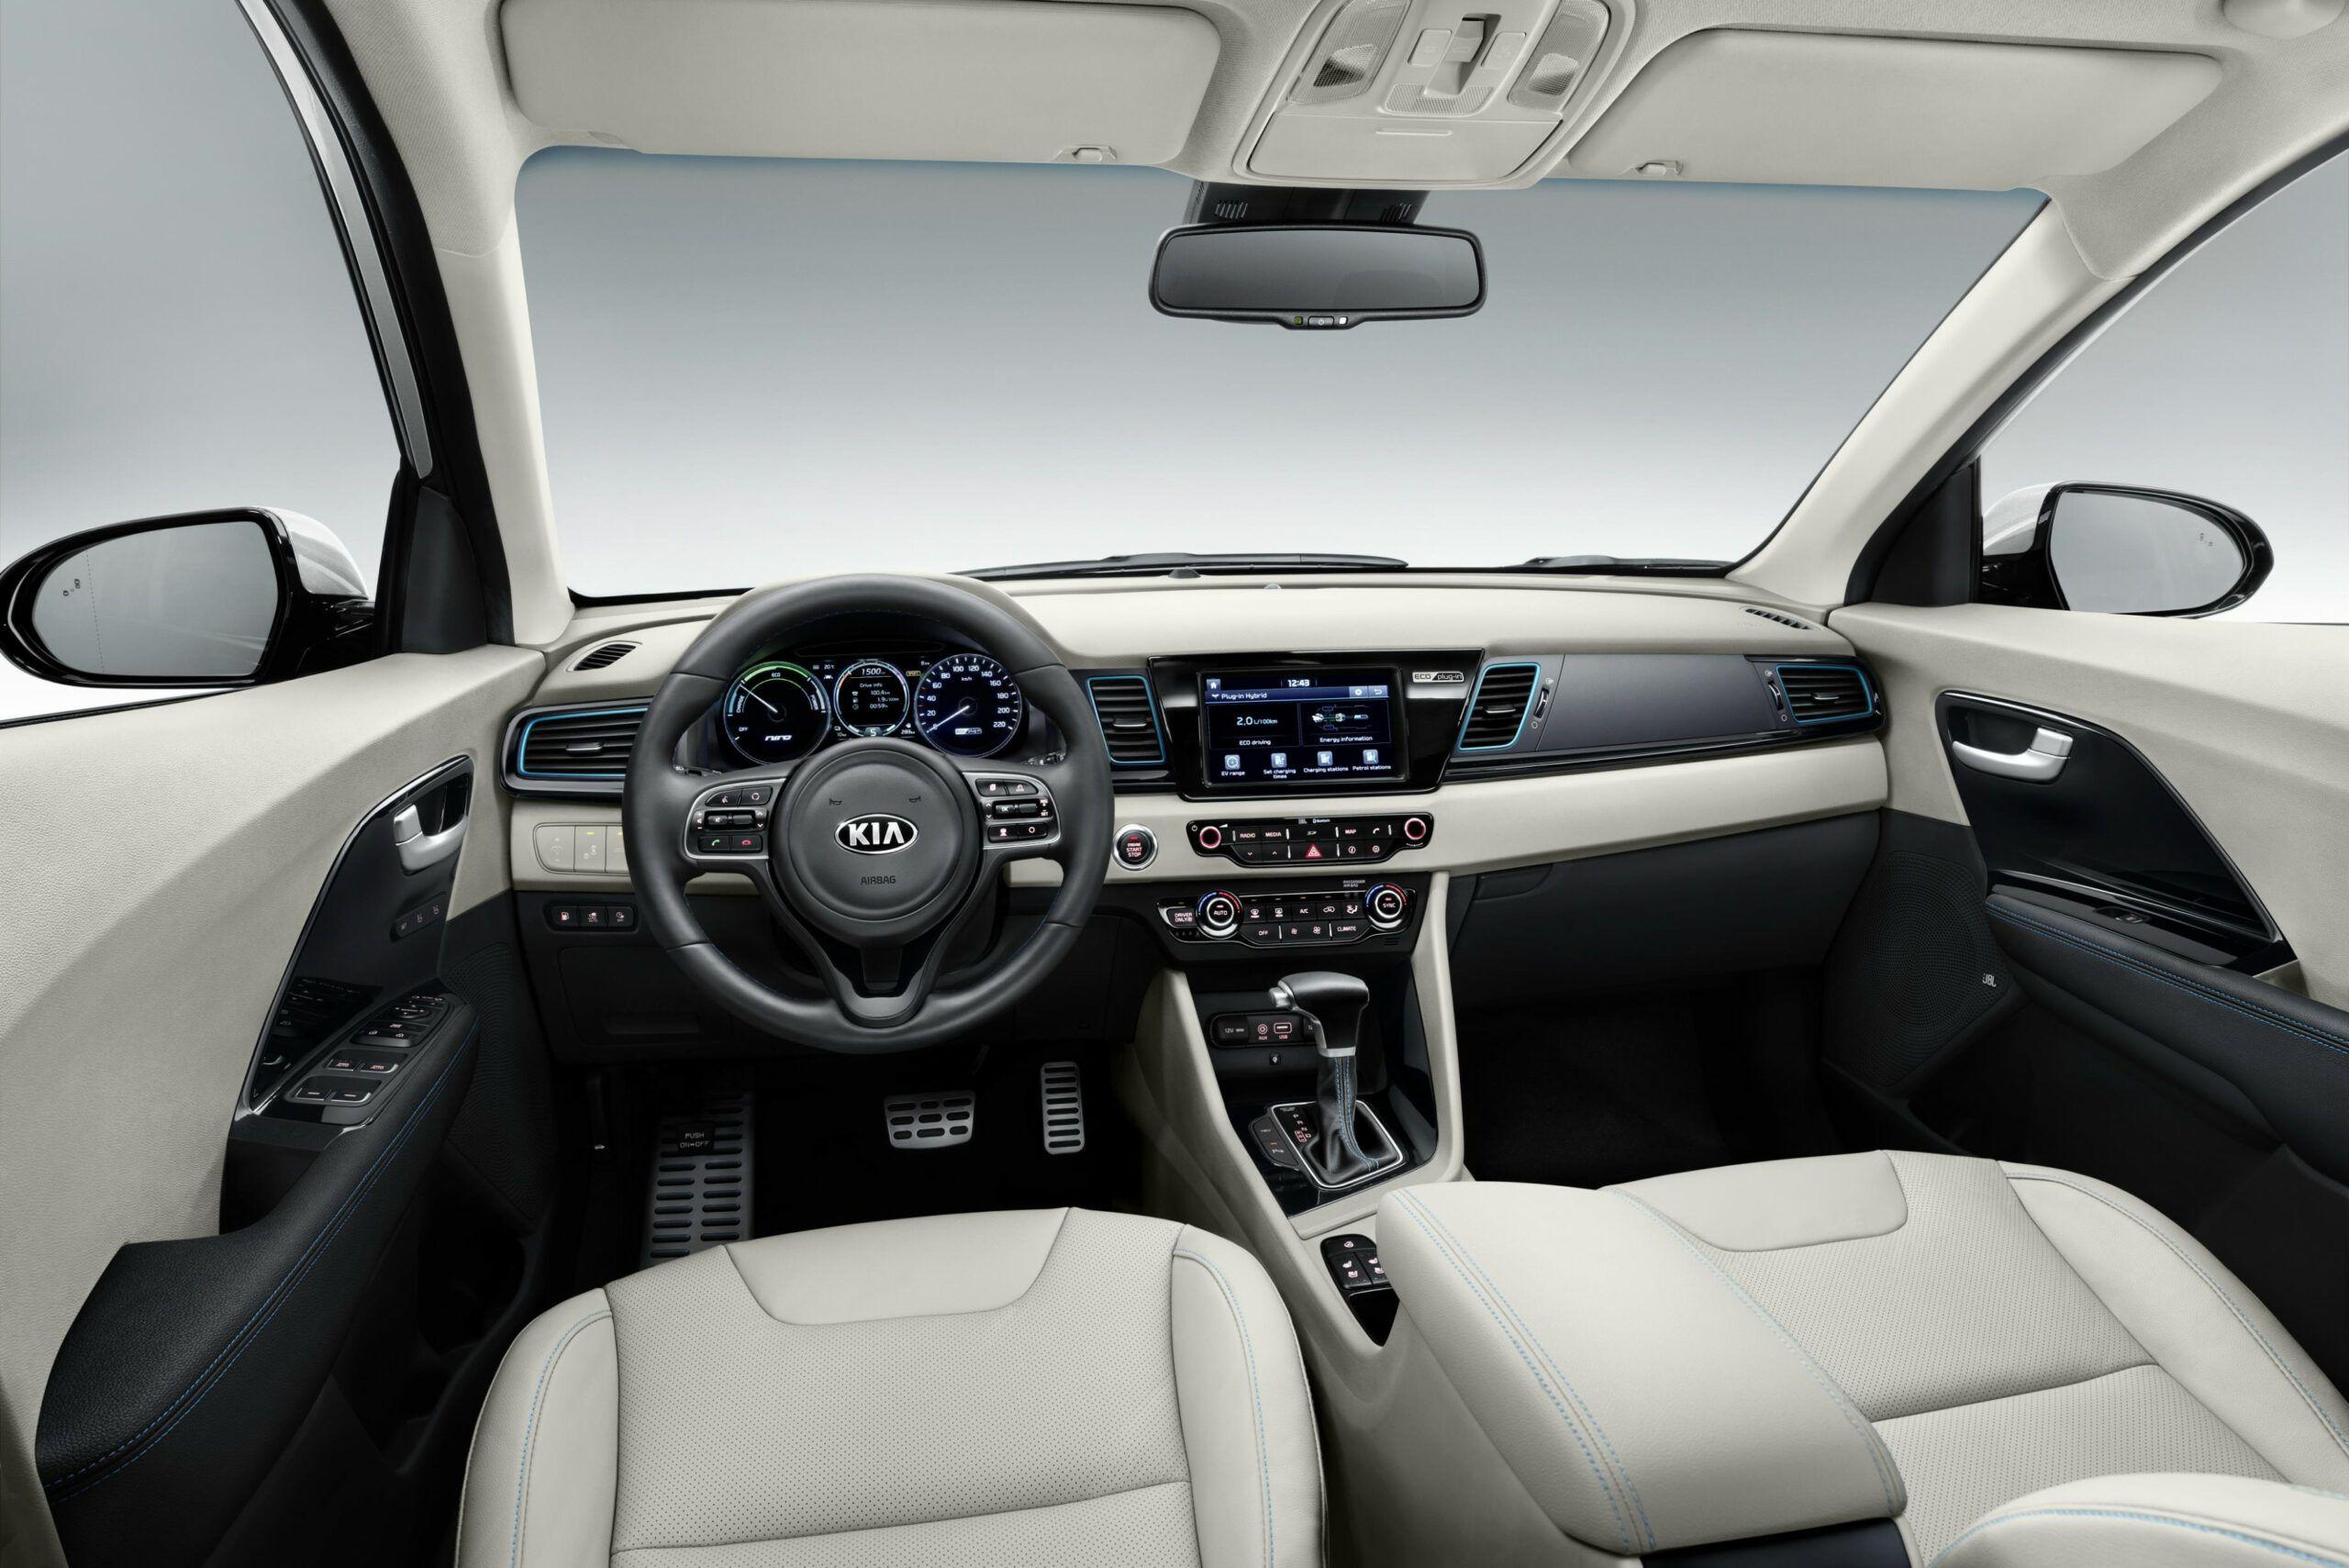 8 Picture 2020 Kia Niro Interior In 2020 Kia Optima Kia Optima Interior Kia